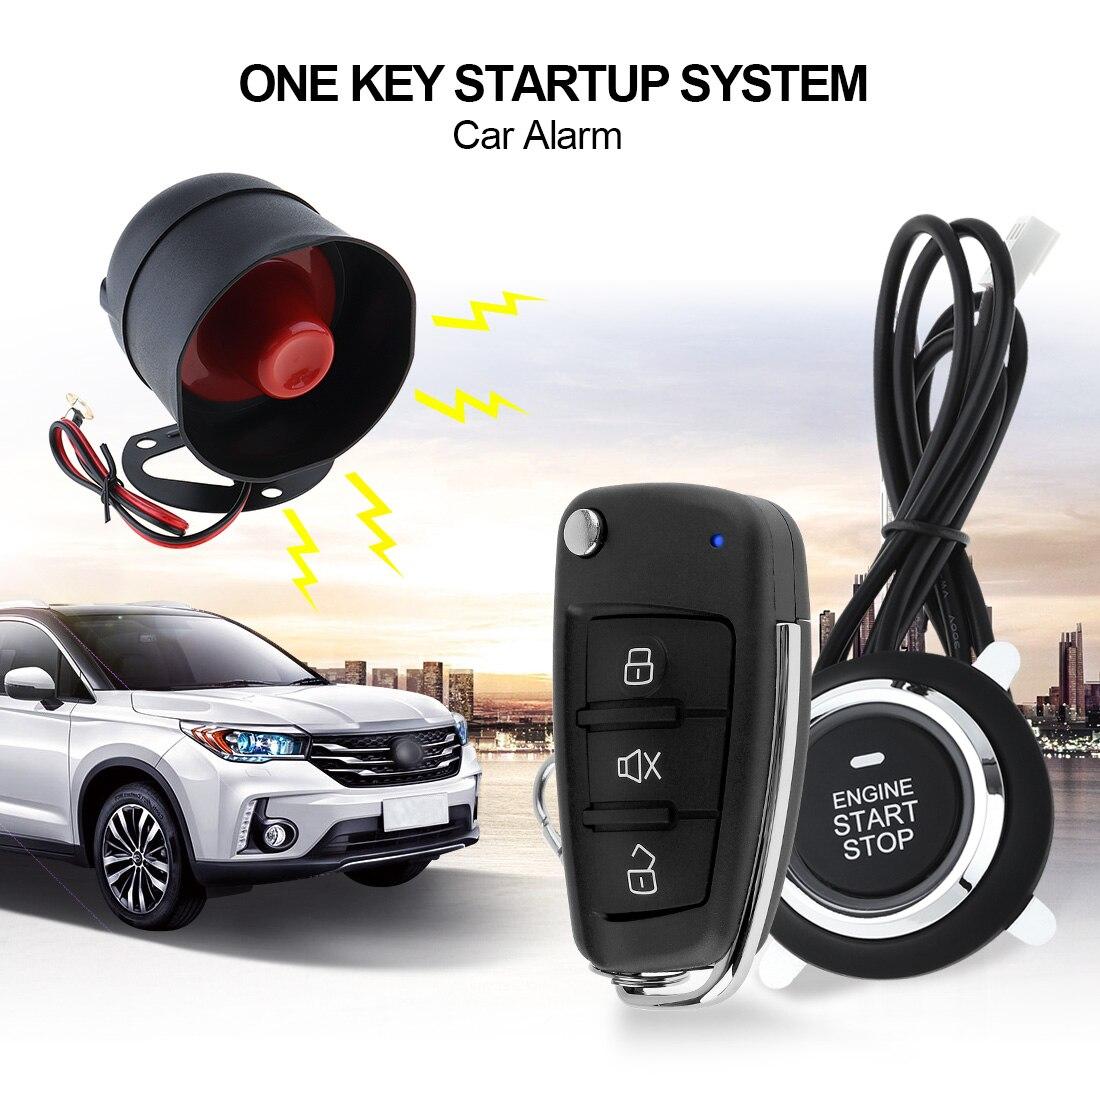 Универсальная автомобильная сигнализация Система безопасности Дистанционное включение выключение кнопка двигателя система автомобиля б...